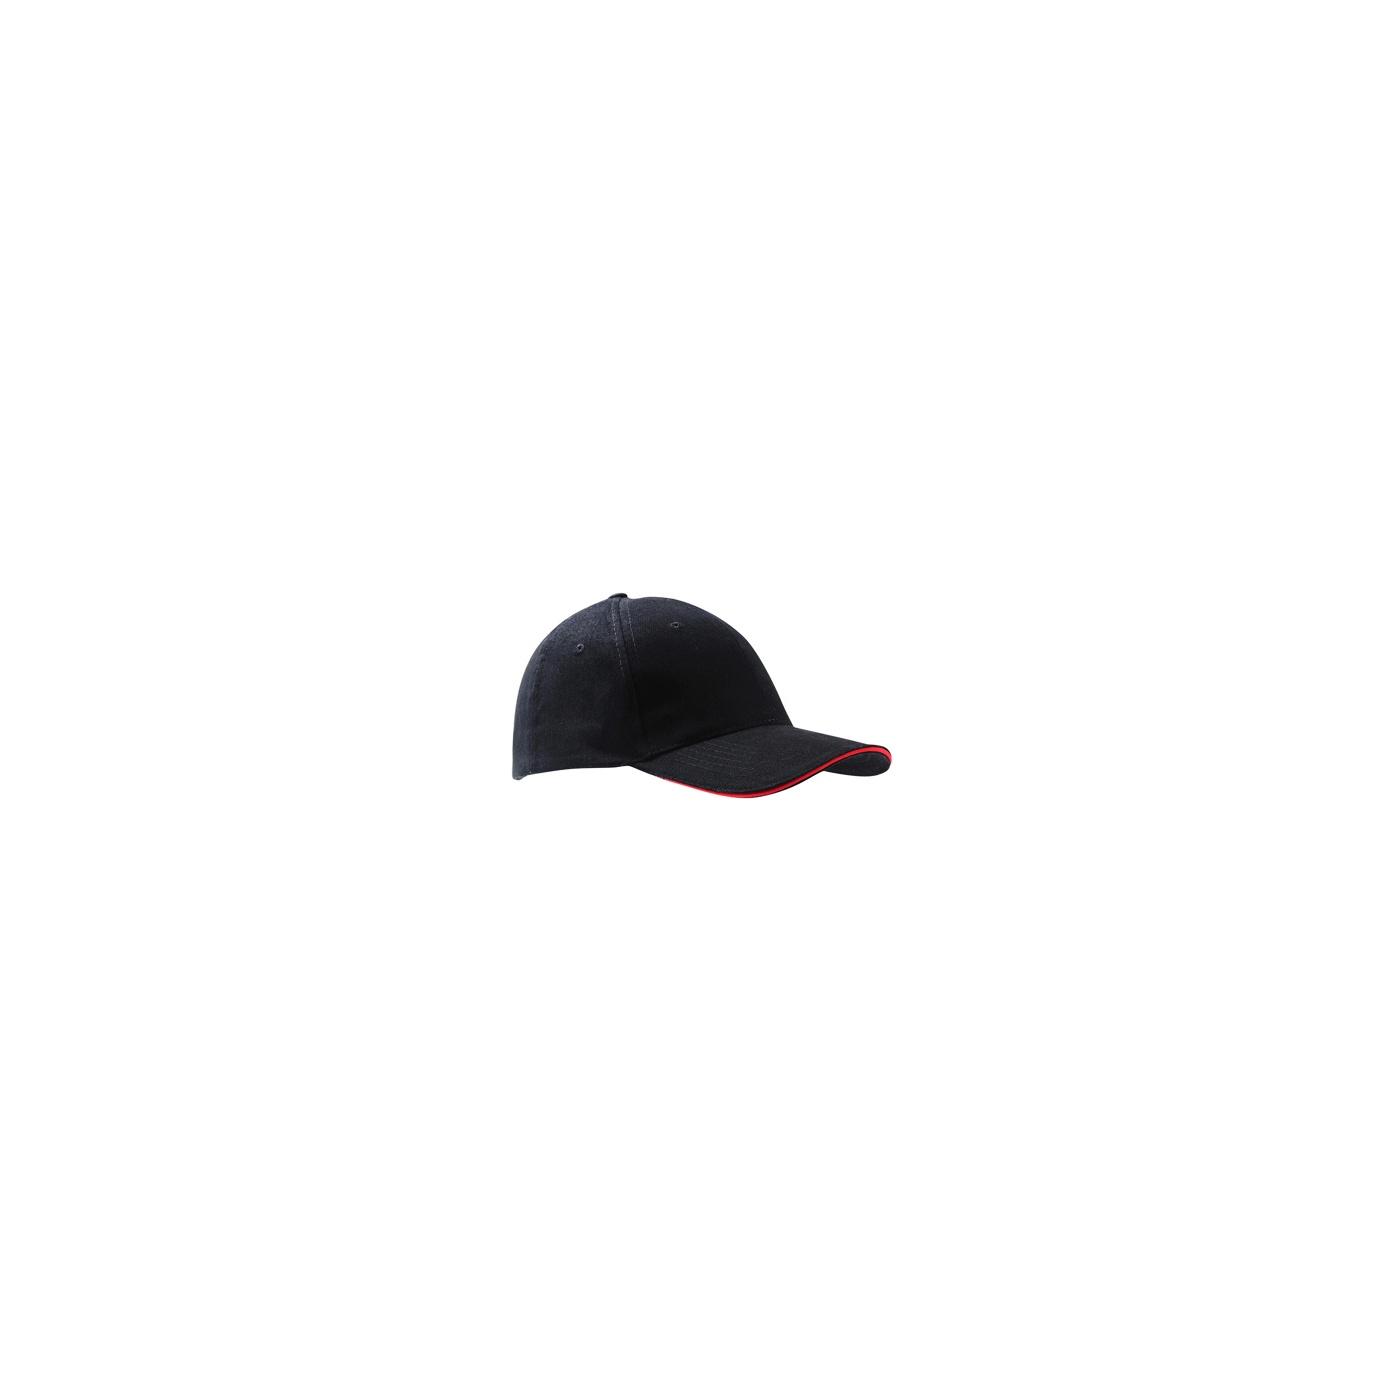 Czapka z daszkiem bejsbolówka – czarna z czerwonym akcentem w daszku